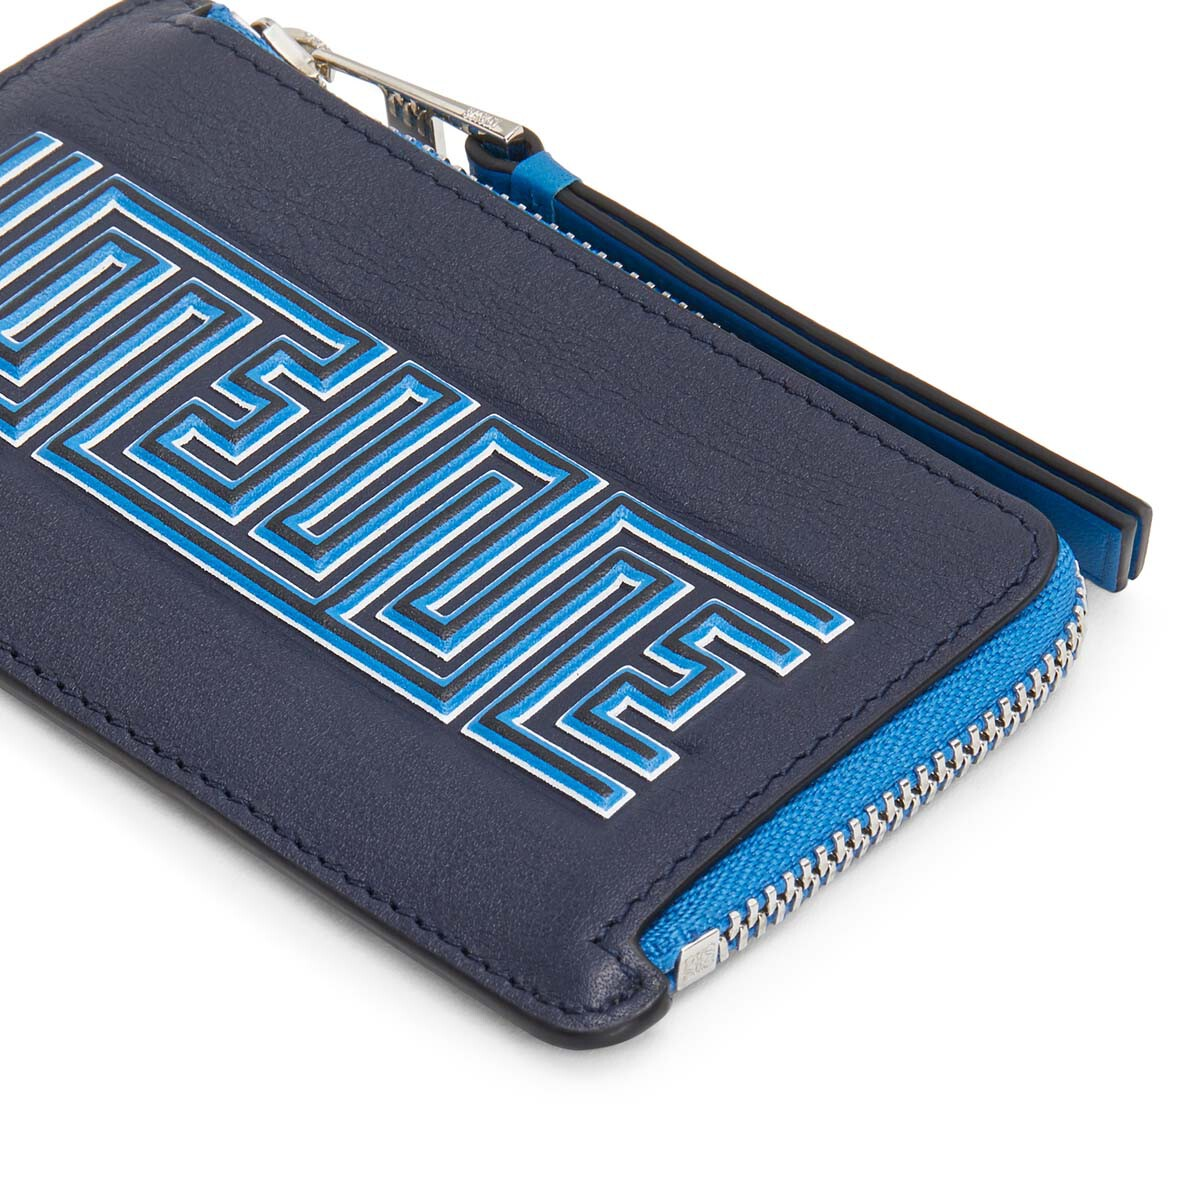 LOEWE メイズコイン/カードホルダー Midnight Blue/Fluo Blue front